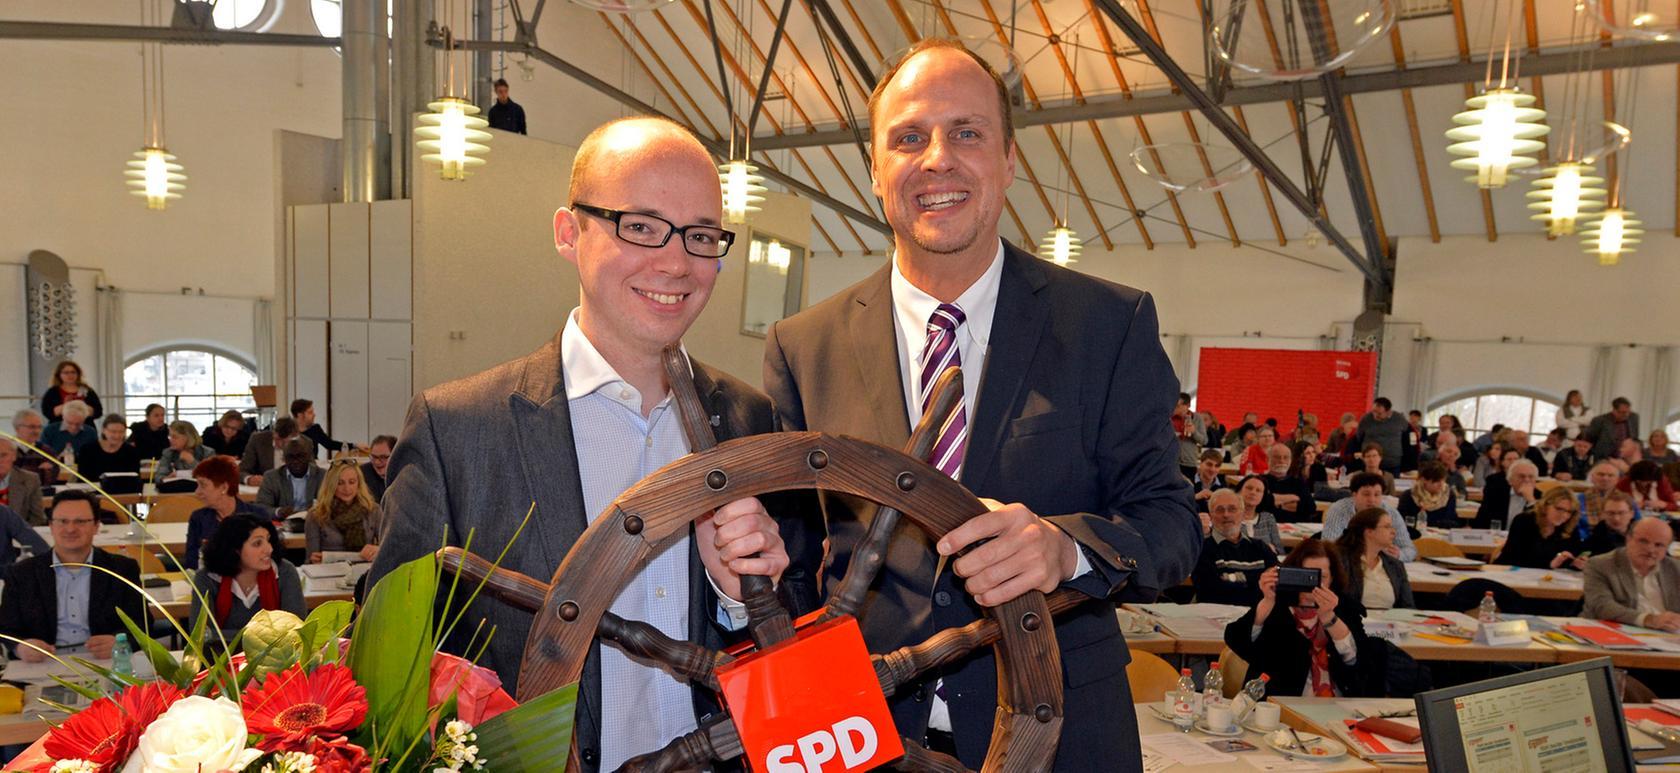 Der vorherige Voristzende der SPD in Nürnberg Christian (r.) Vogel übergibt Thorsten Brehm (l.) nicht nur symbolisch das Steuer.